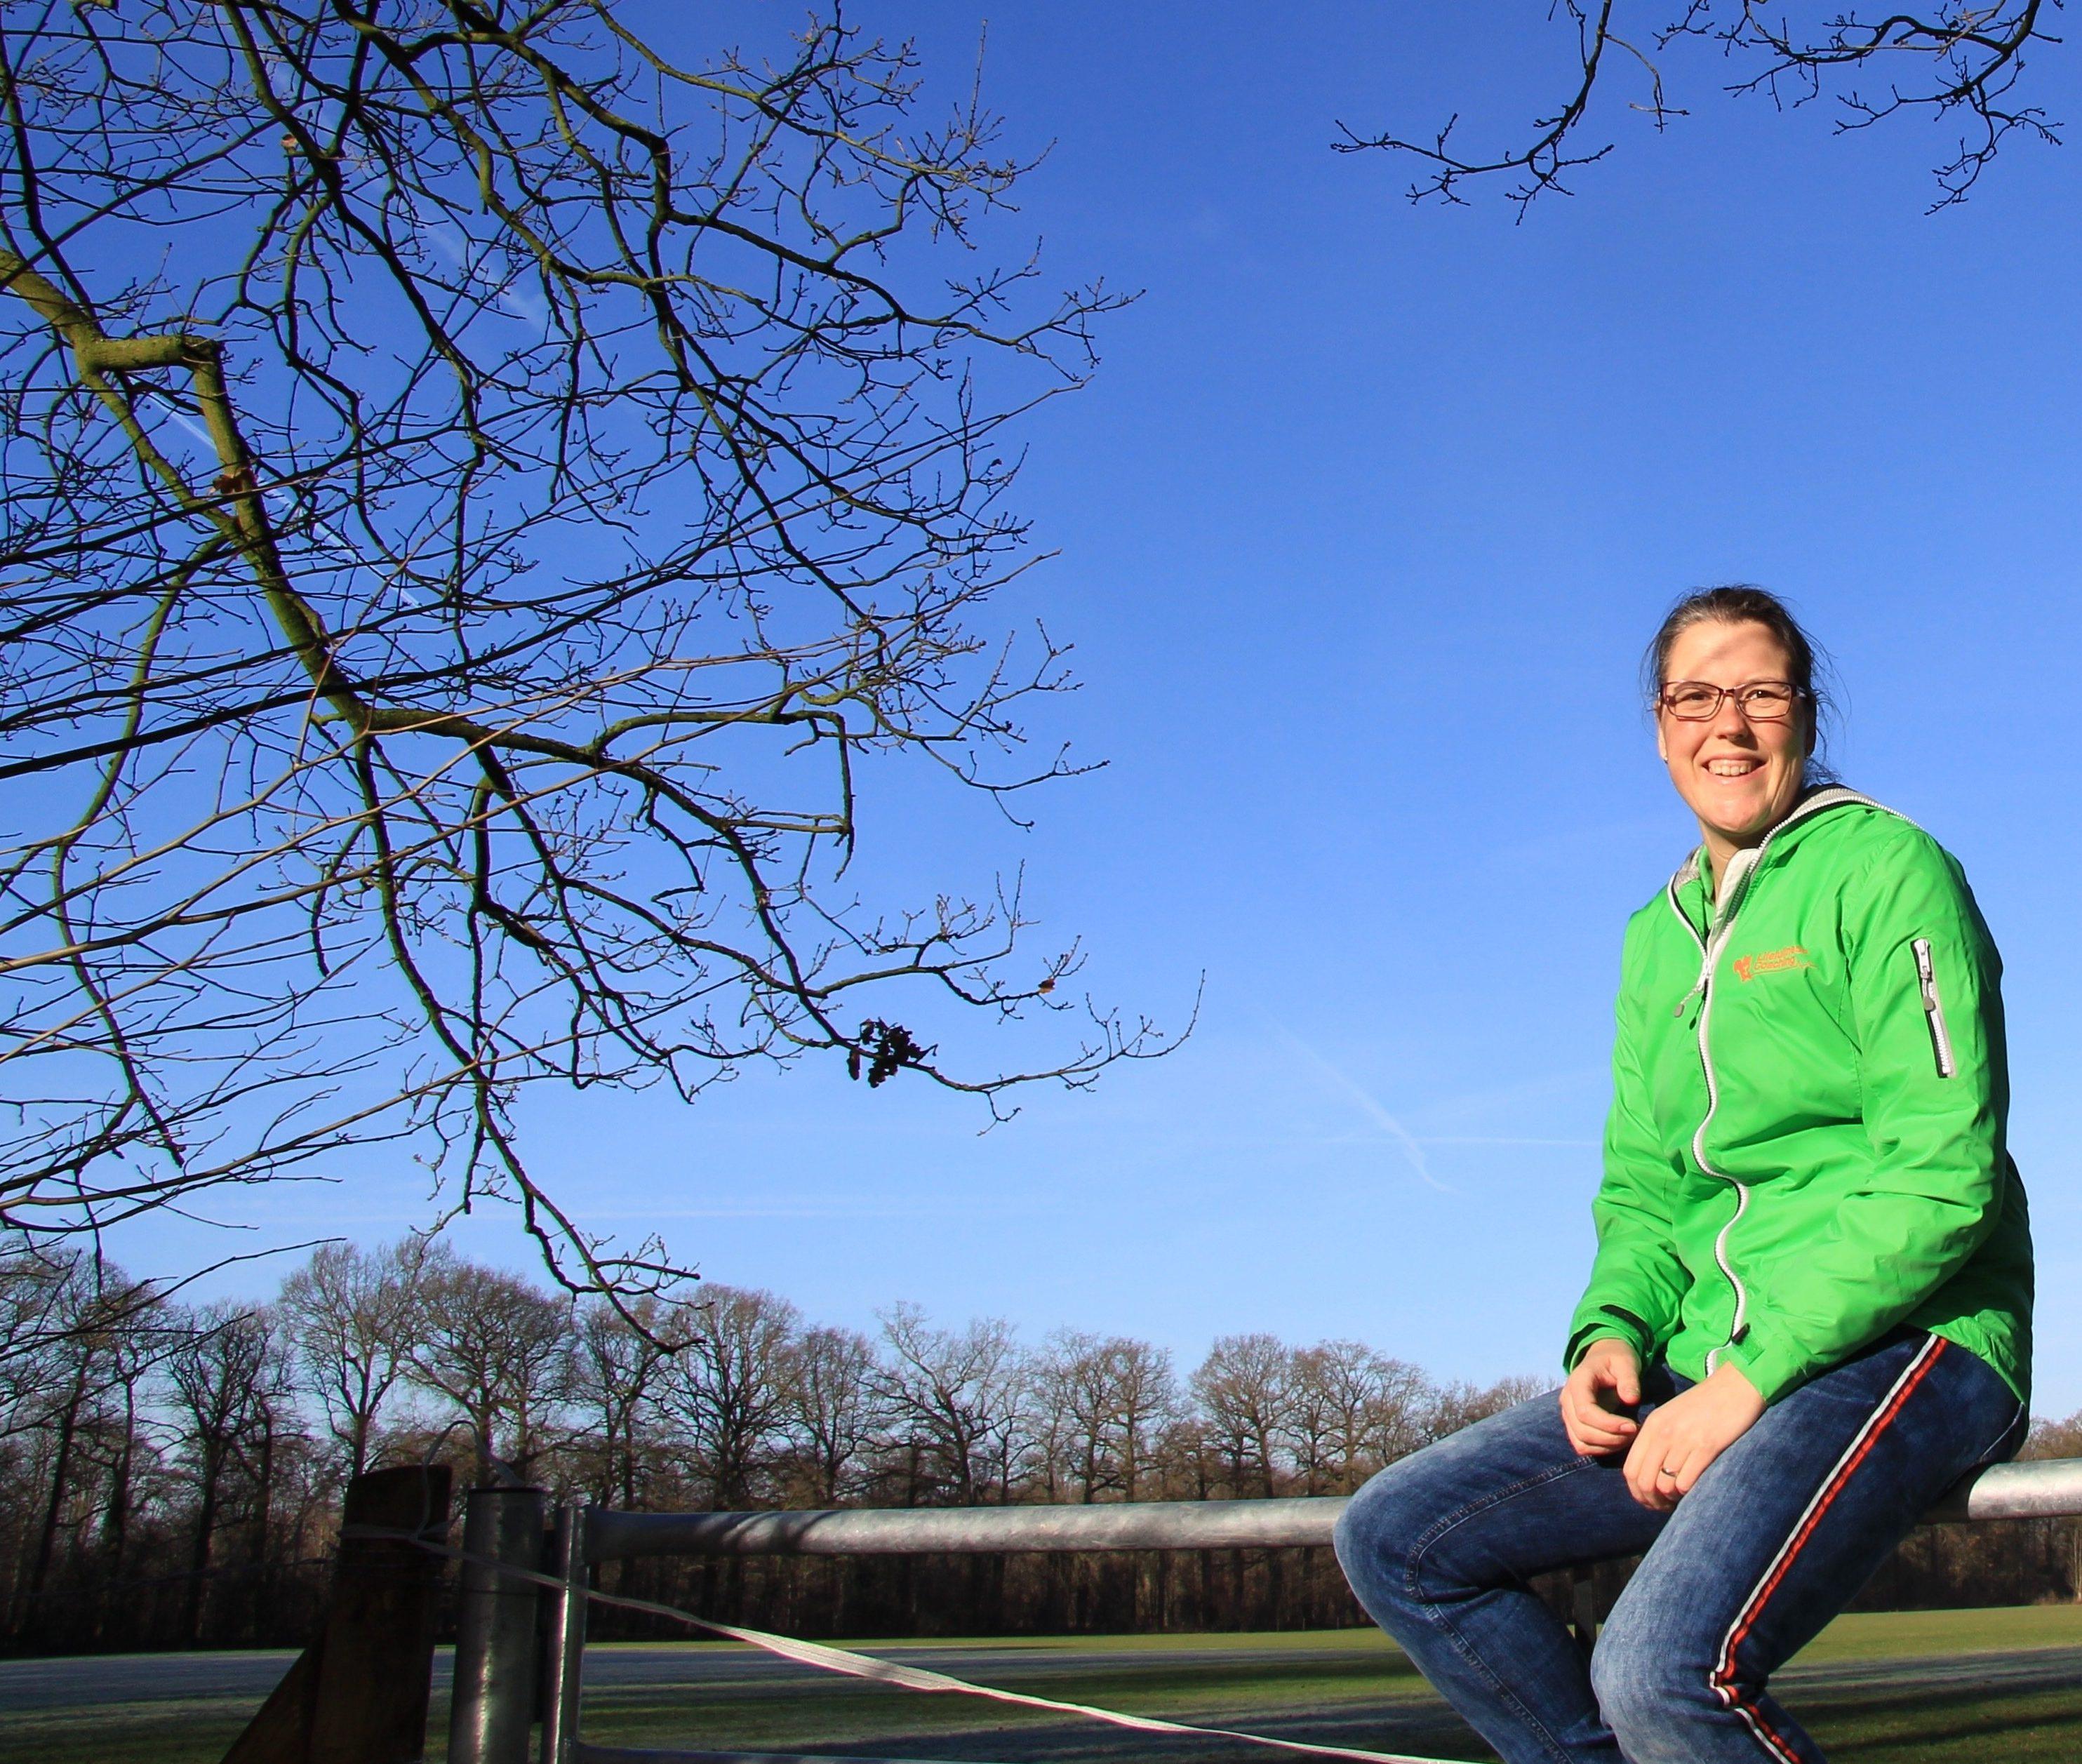 Sabine Jansen, eigenaar Lifefullness Coaching zittend in groene bedrijfskleding op Hek met zonnetje en fel blauwe lucht.